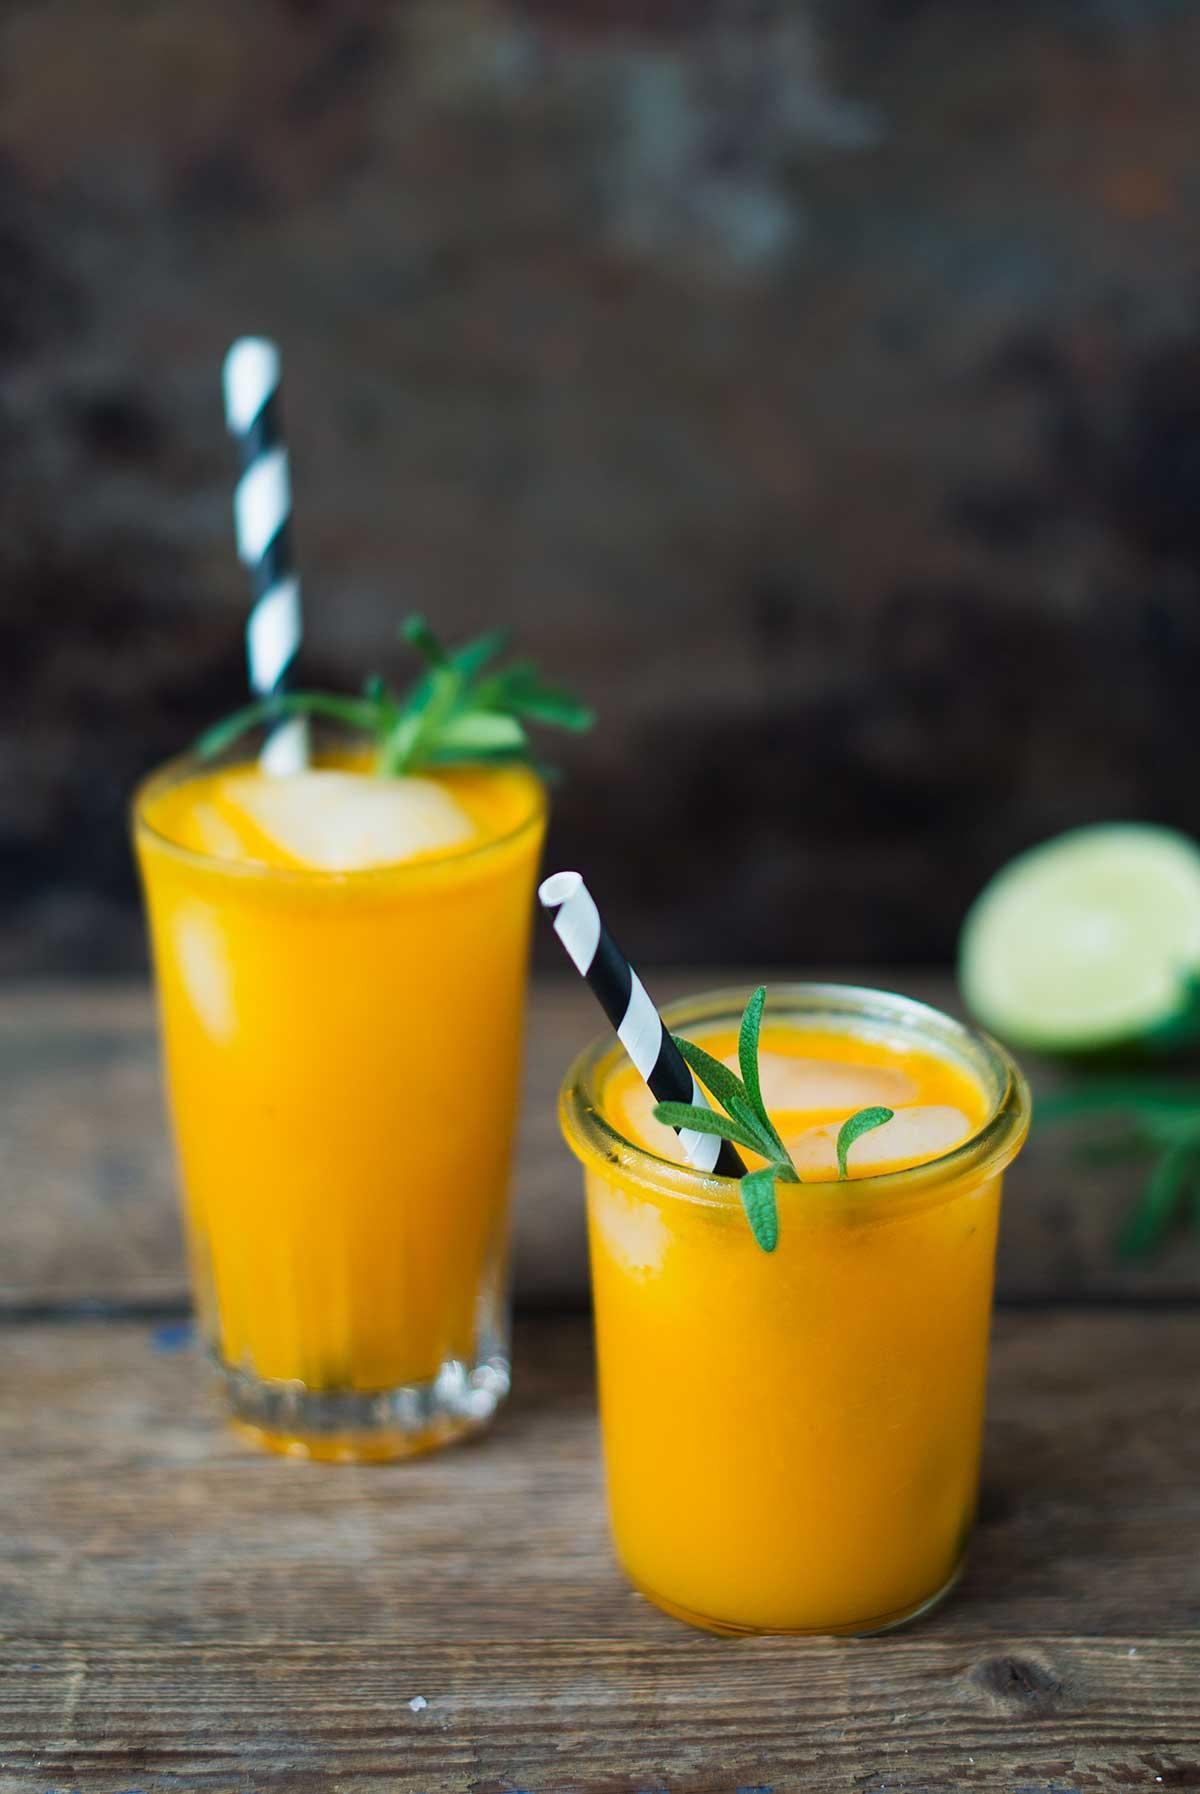 Recept: Drink med havtorn | Frk. Kräsen